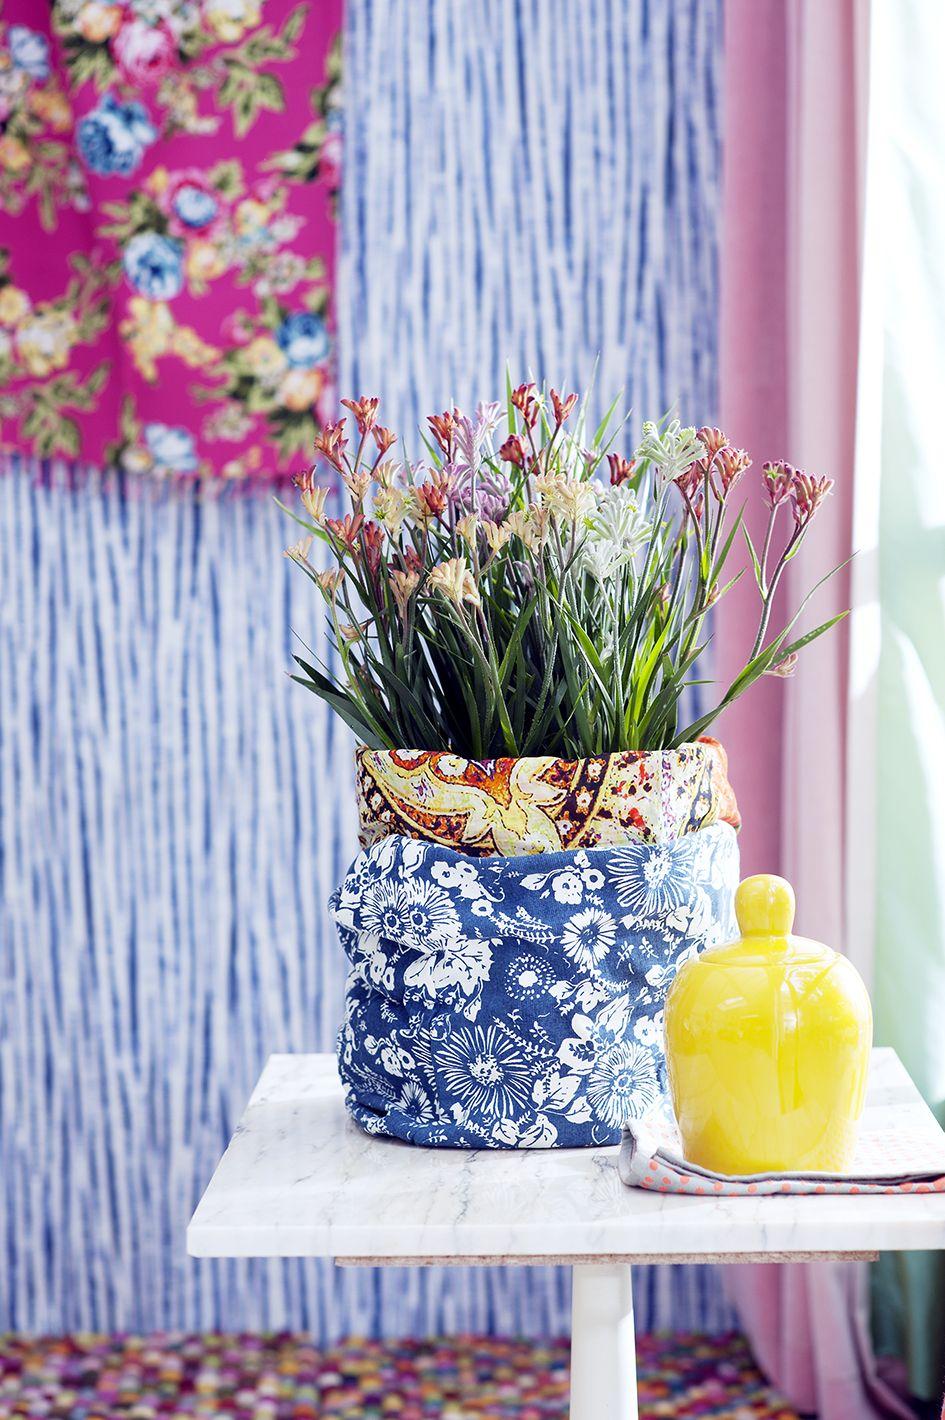 De Bluhende Zimmerpflanzen Pinterest Bluhende Zimmerpflanzen